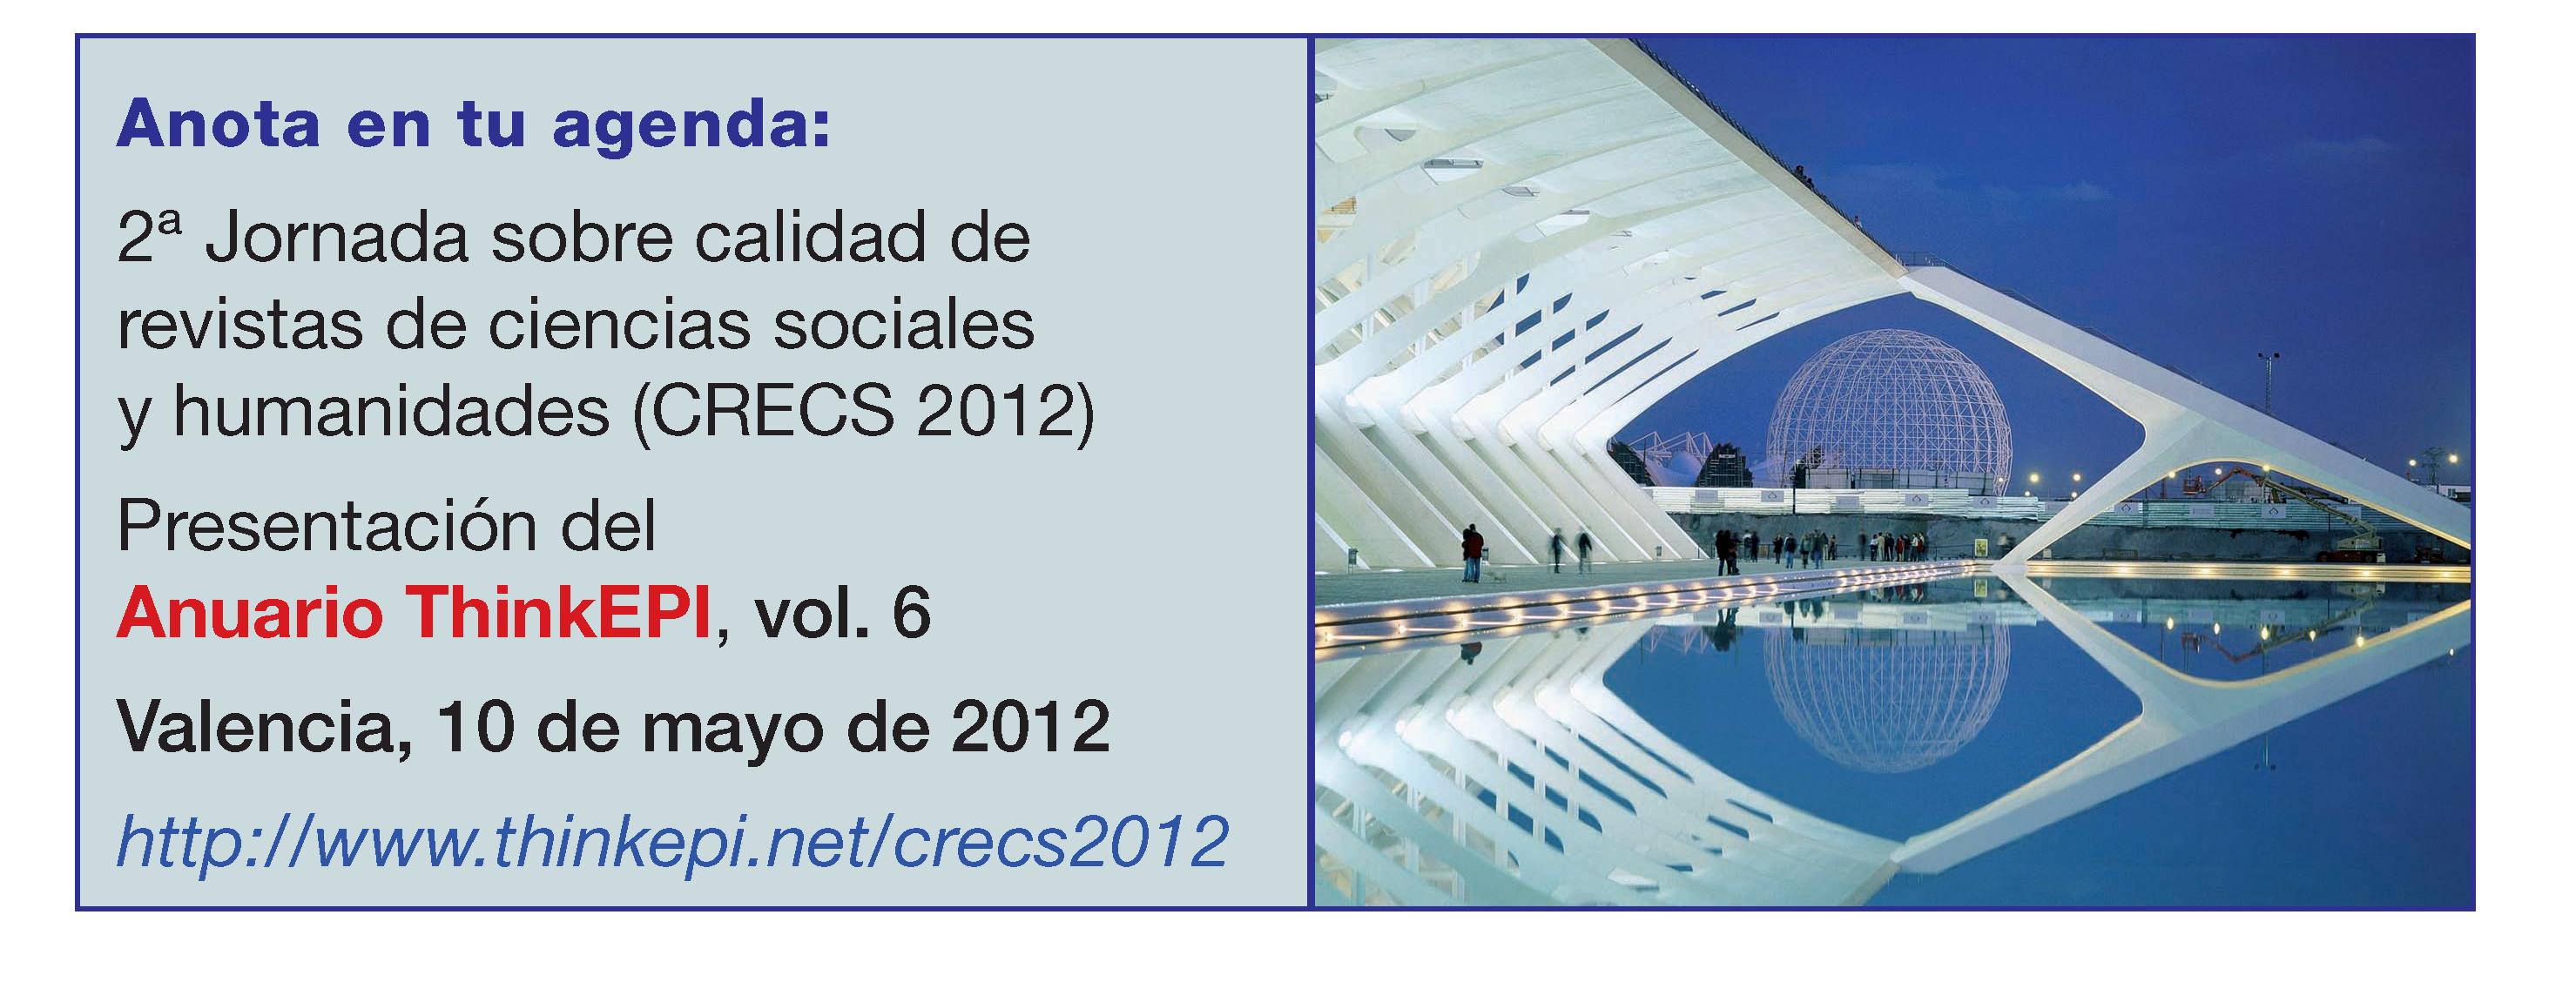 Anuncio preliminar del Congreso CRECS 2 (Valencia, 2012)